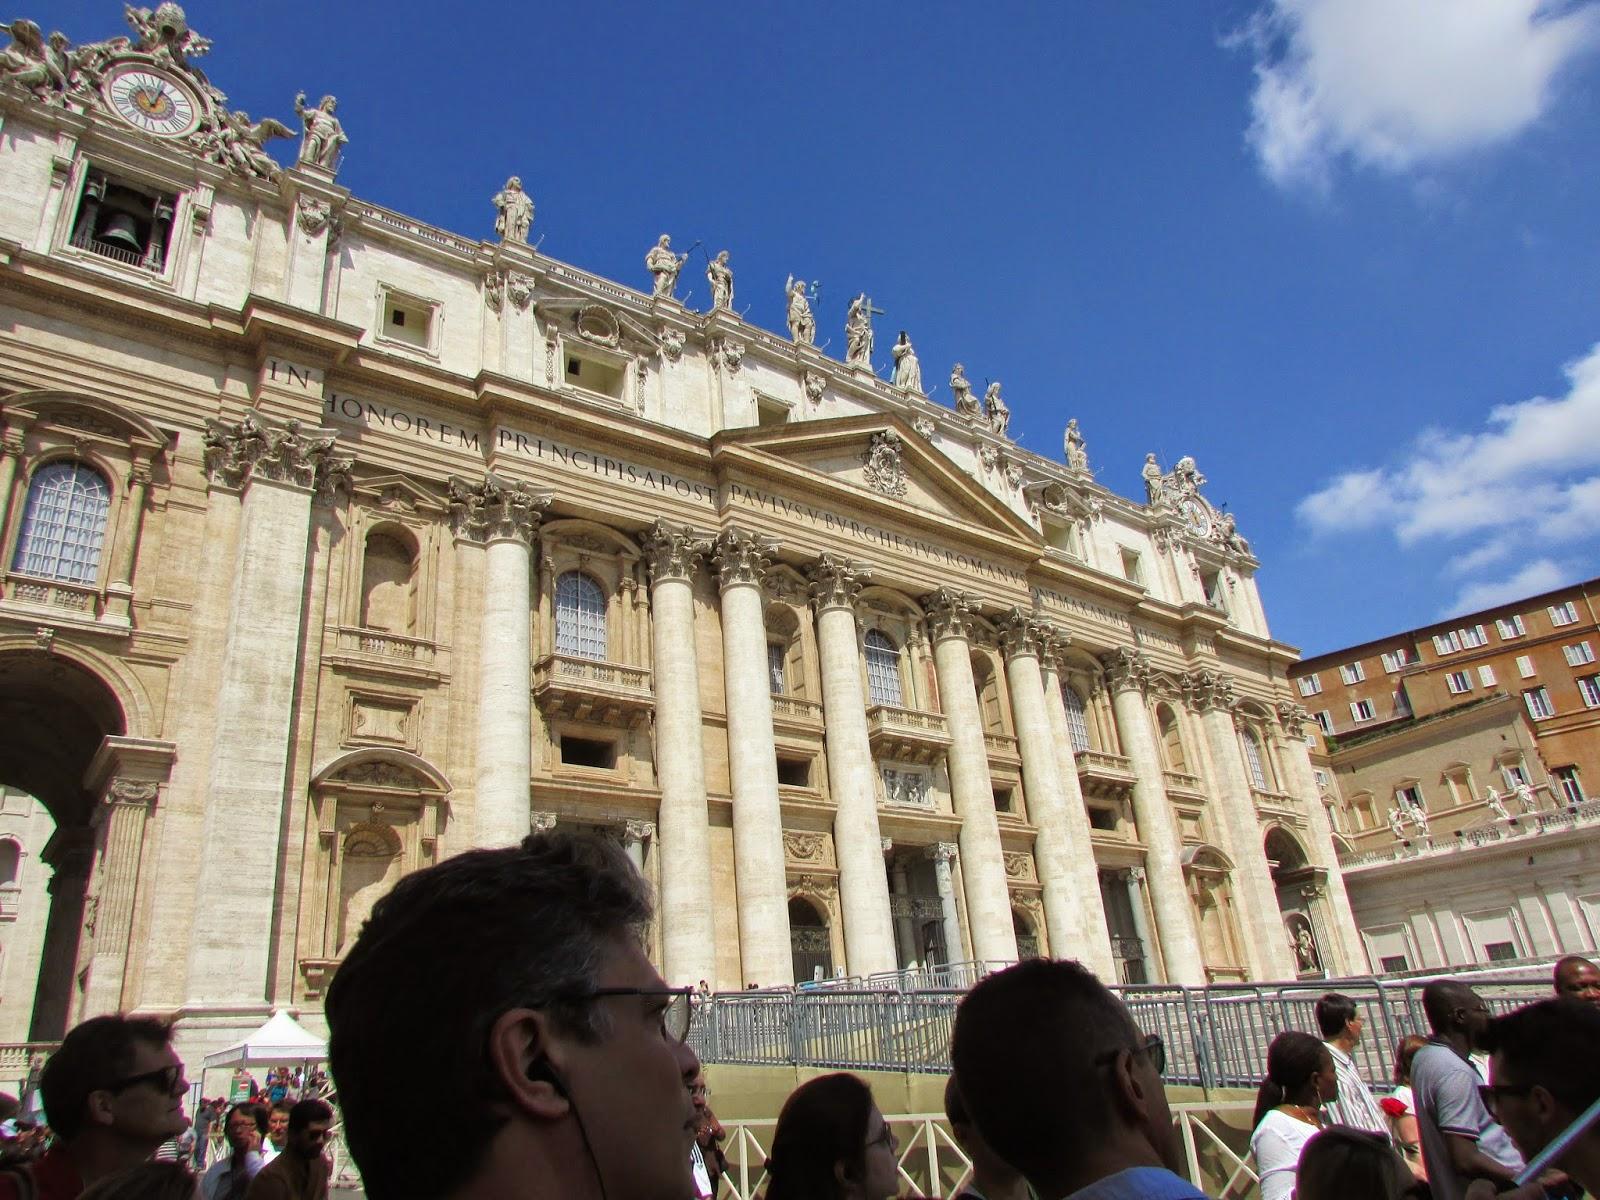 Itália, Roma, turismo, Europa, Italy, travel, trip, viagem, Italia, Vaticano, Basília de São Pedro